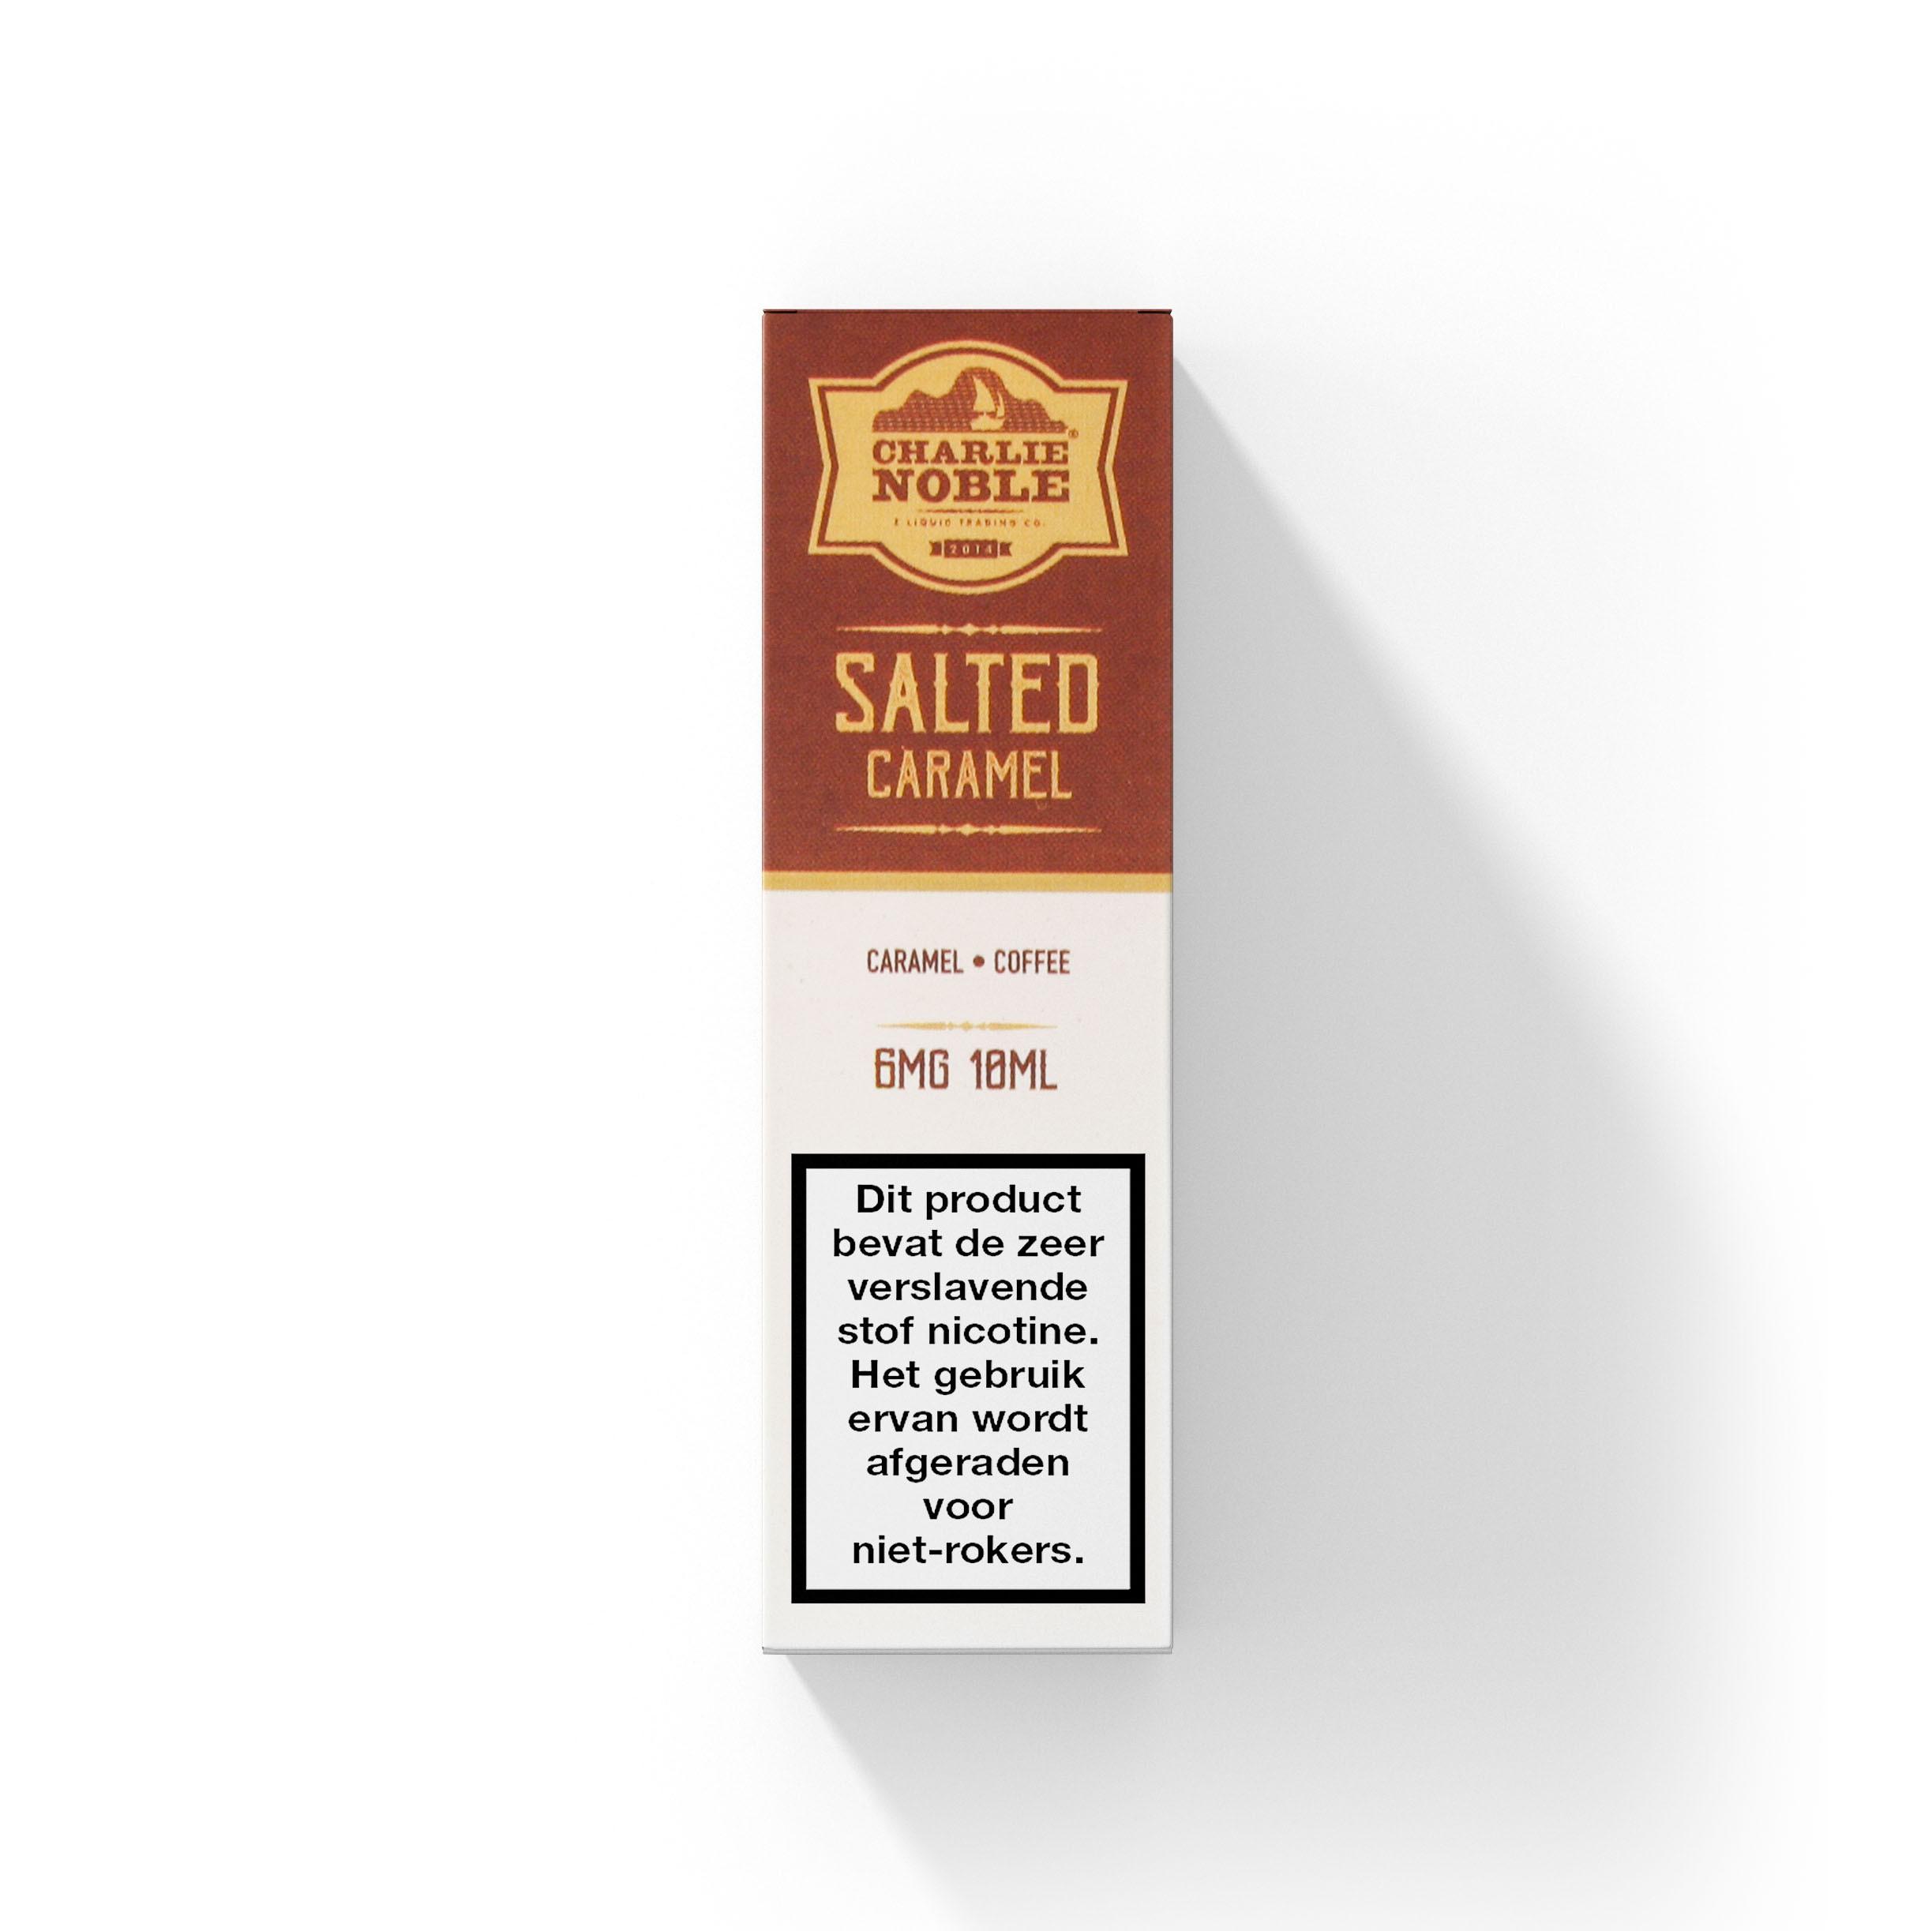 Charlie Noble Salted Caramel smaakt naar karamel met een vleugje zeezout. Deze High VG e-liquid komt in 10ml flesjes met verschillende nicotine sterktes.